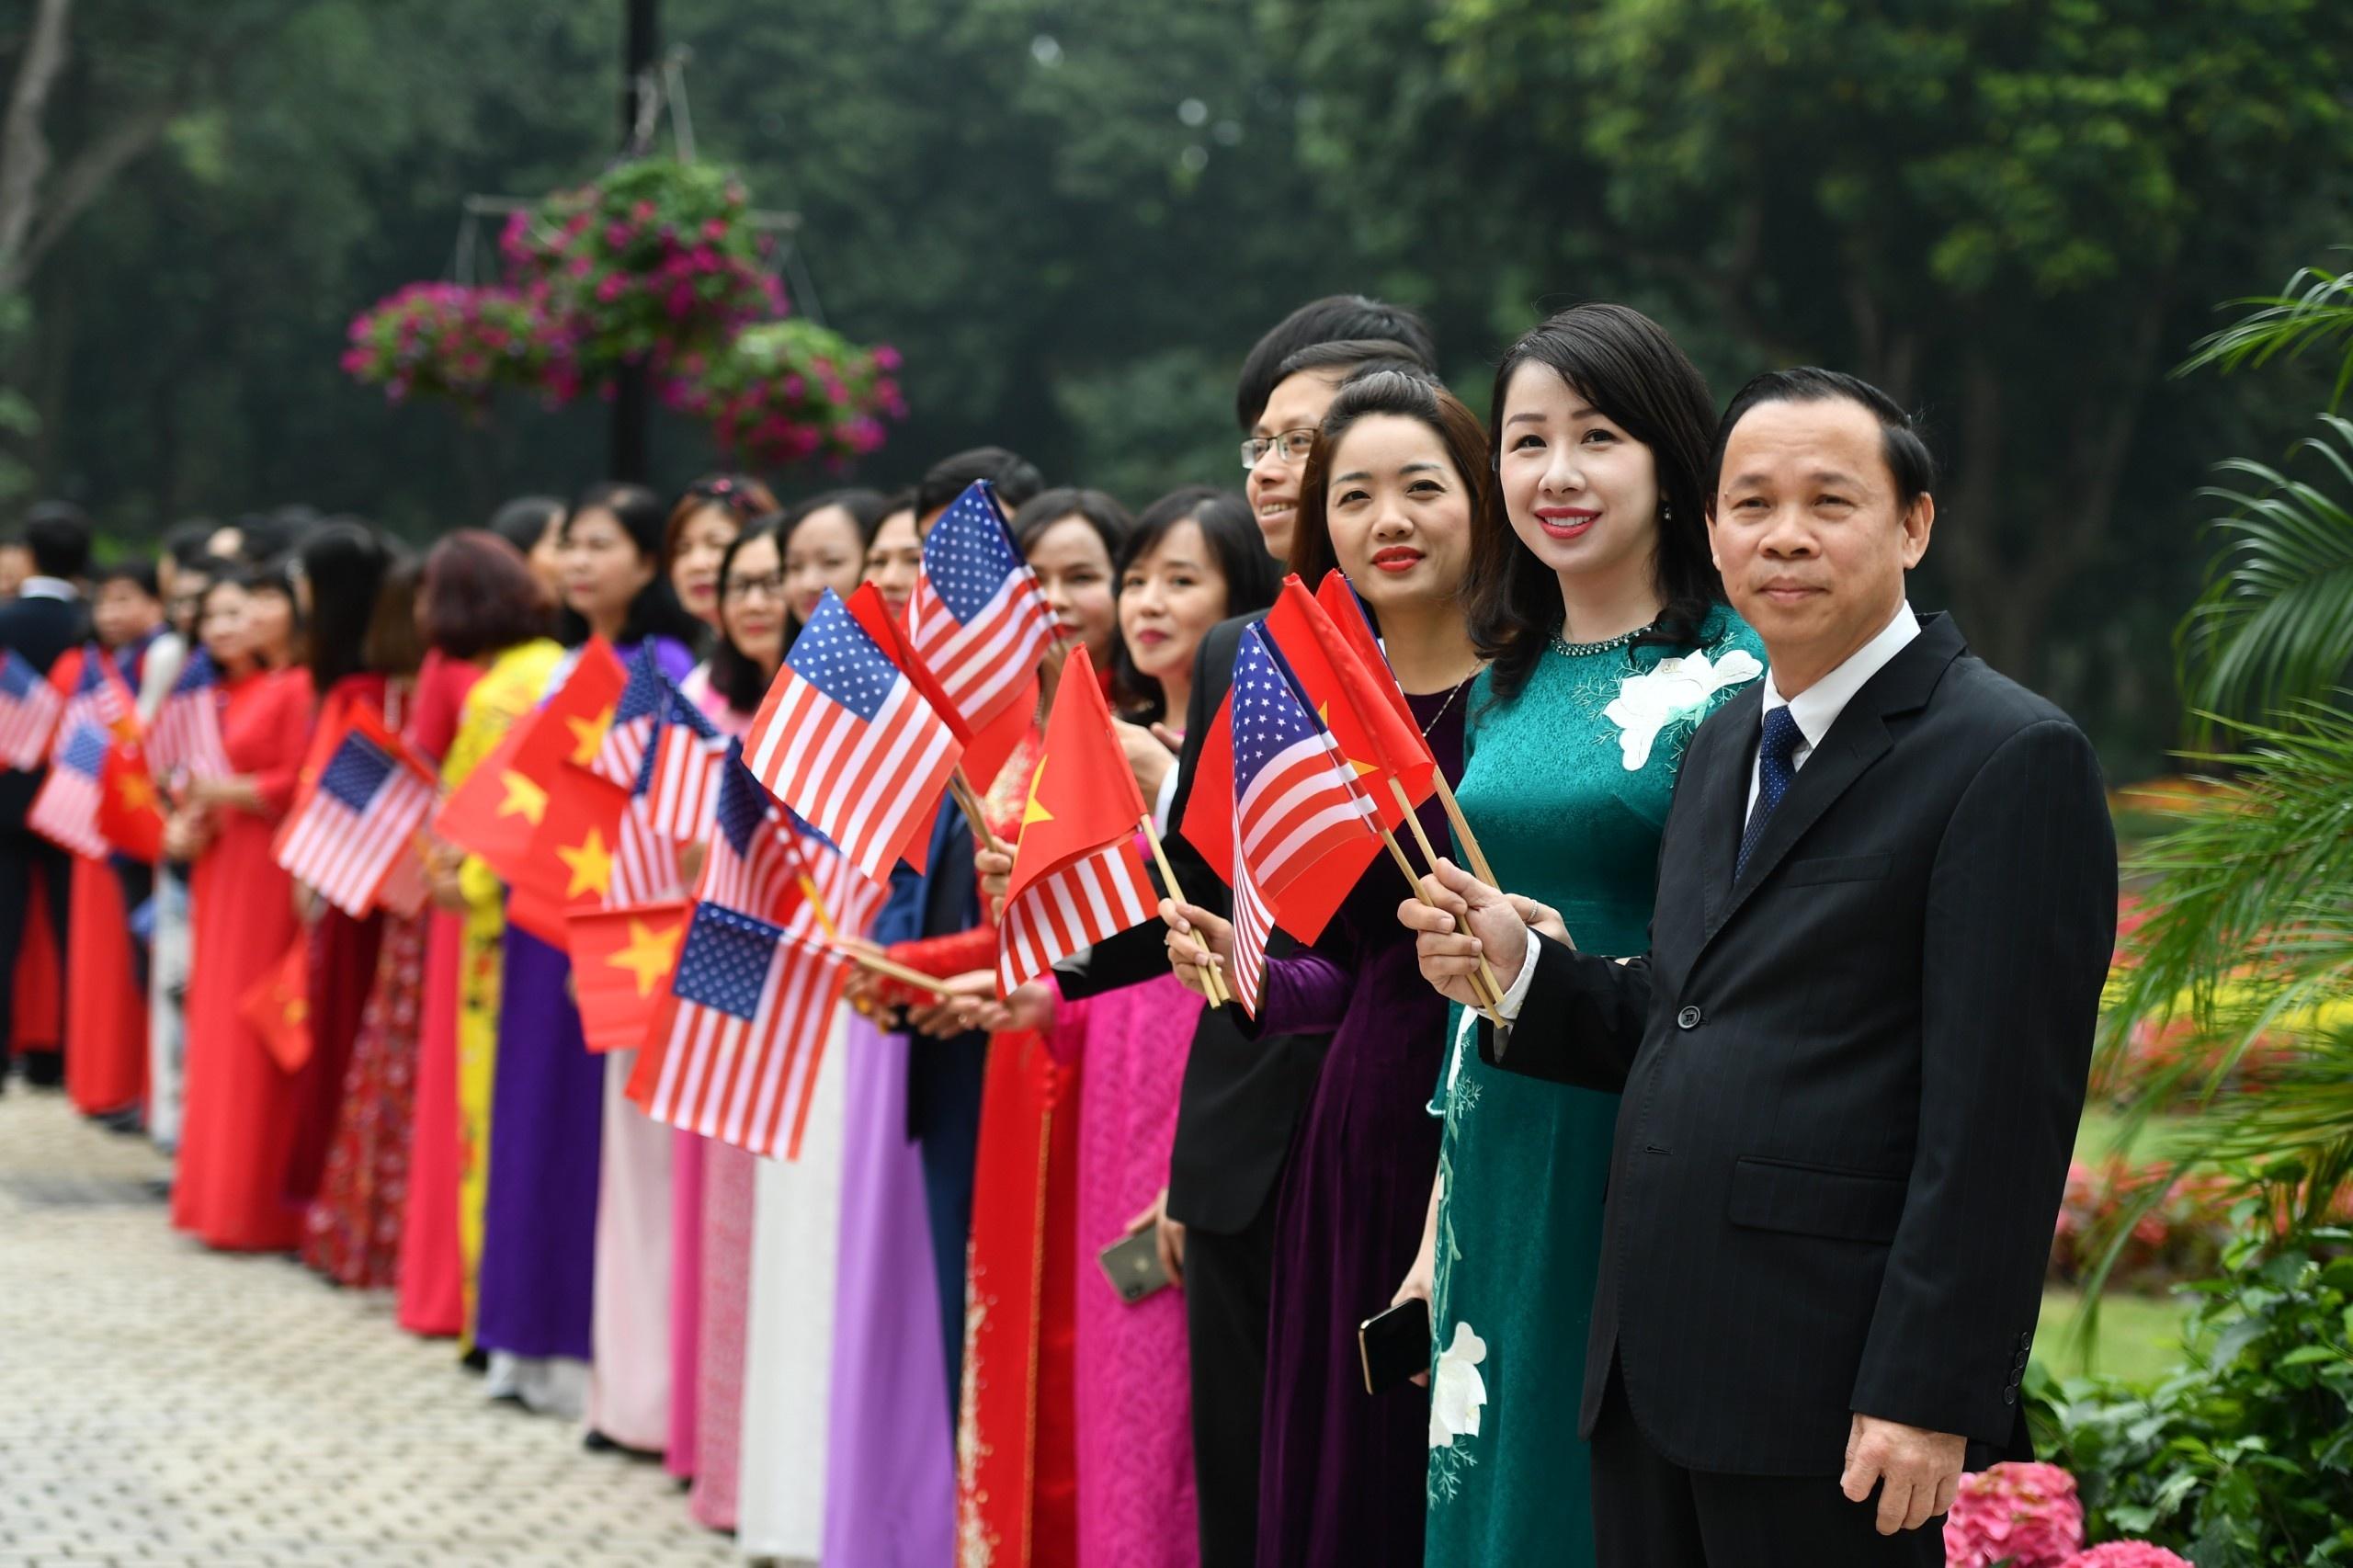 Tổng bí thư, Chủ tịch nước Nguyễn Phú Trọng gặp Tổng thống Trump